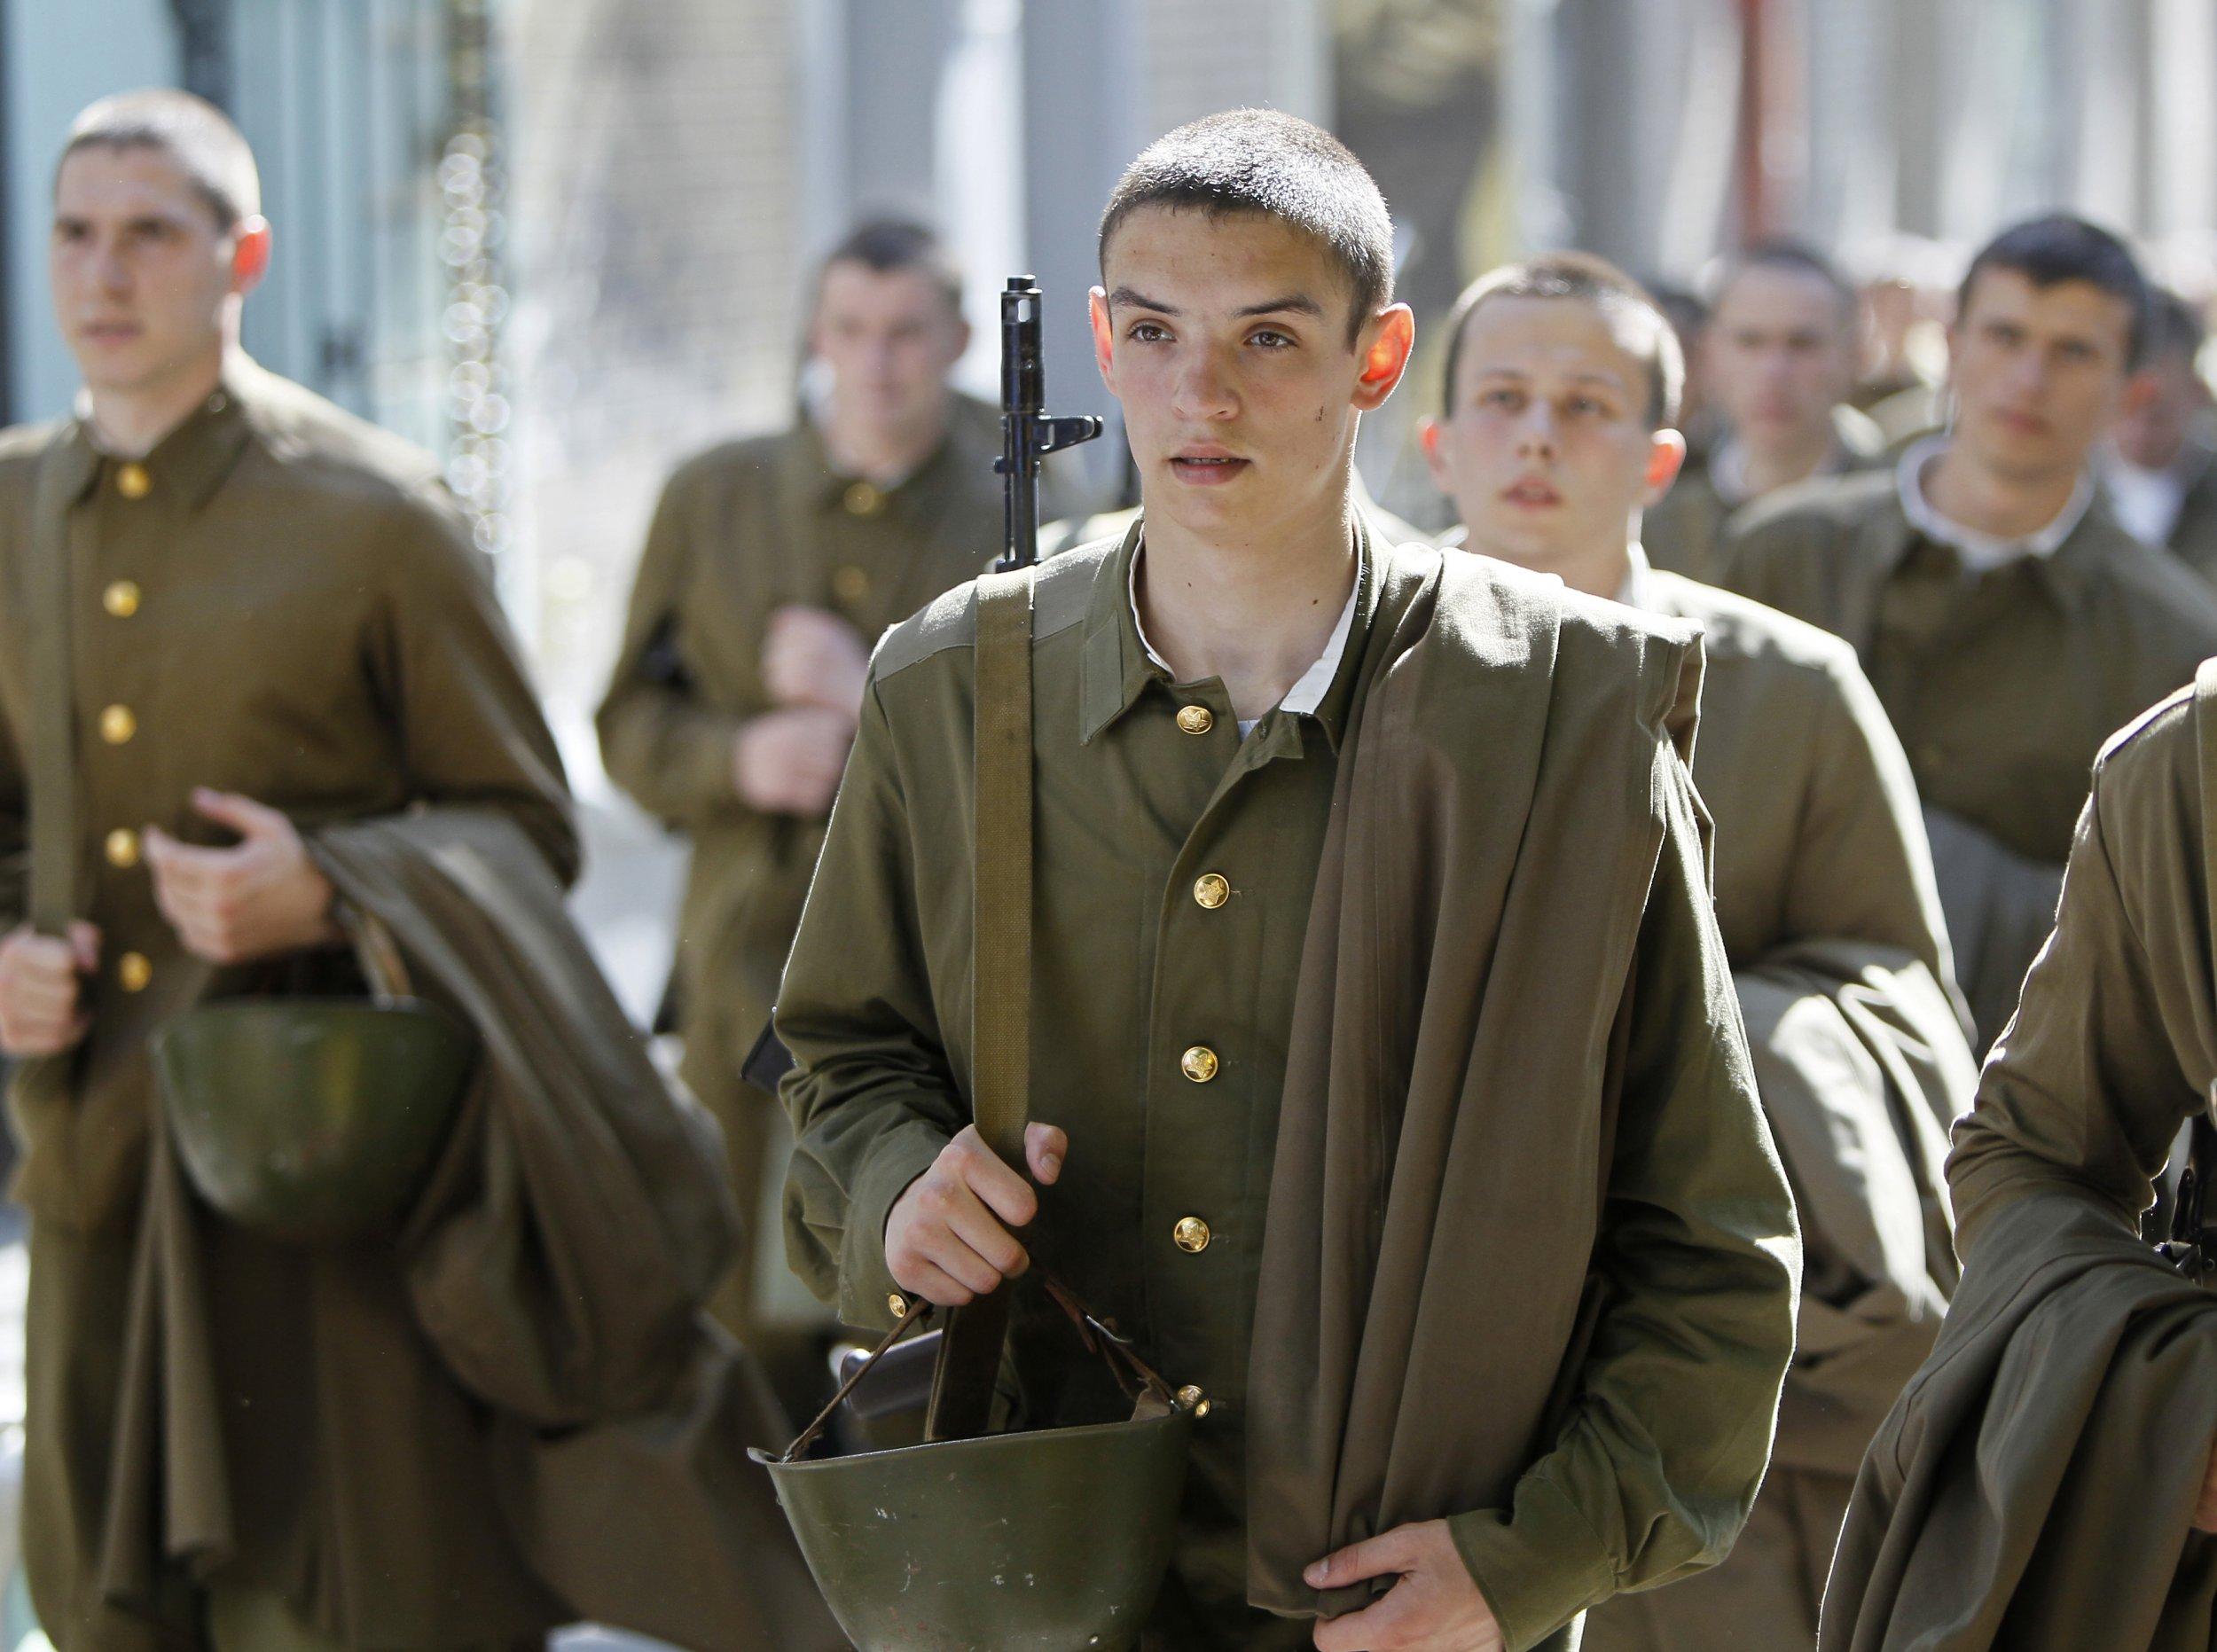 Ukraine Students Prepare For a Russian Invasion